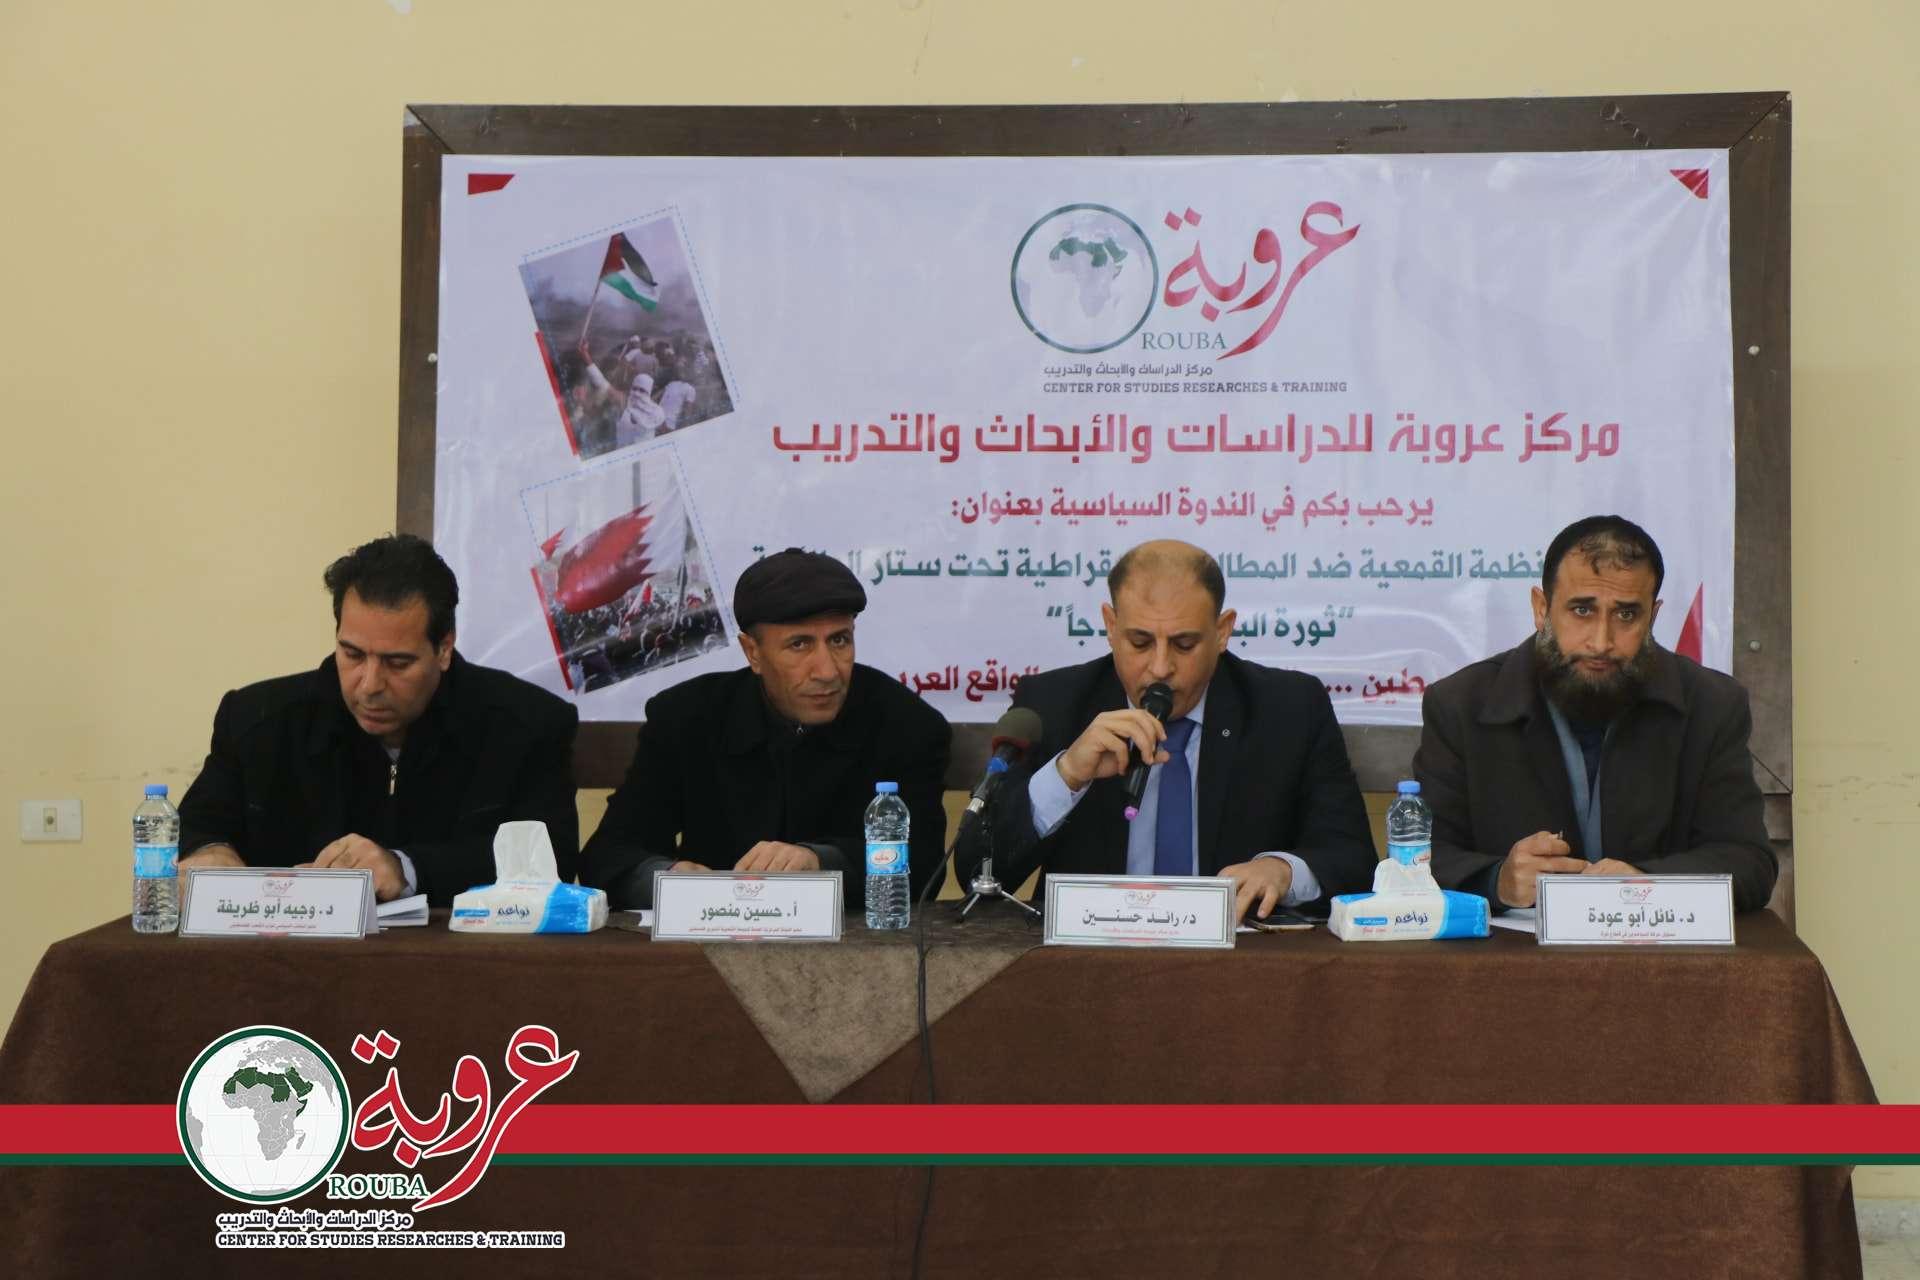 مركز عروبة ينظّم ندوة سياسيّة تضامنًا مع شعب البحرين في ذكرى ثورة 14 فبراير